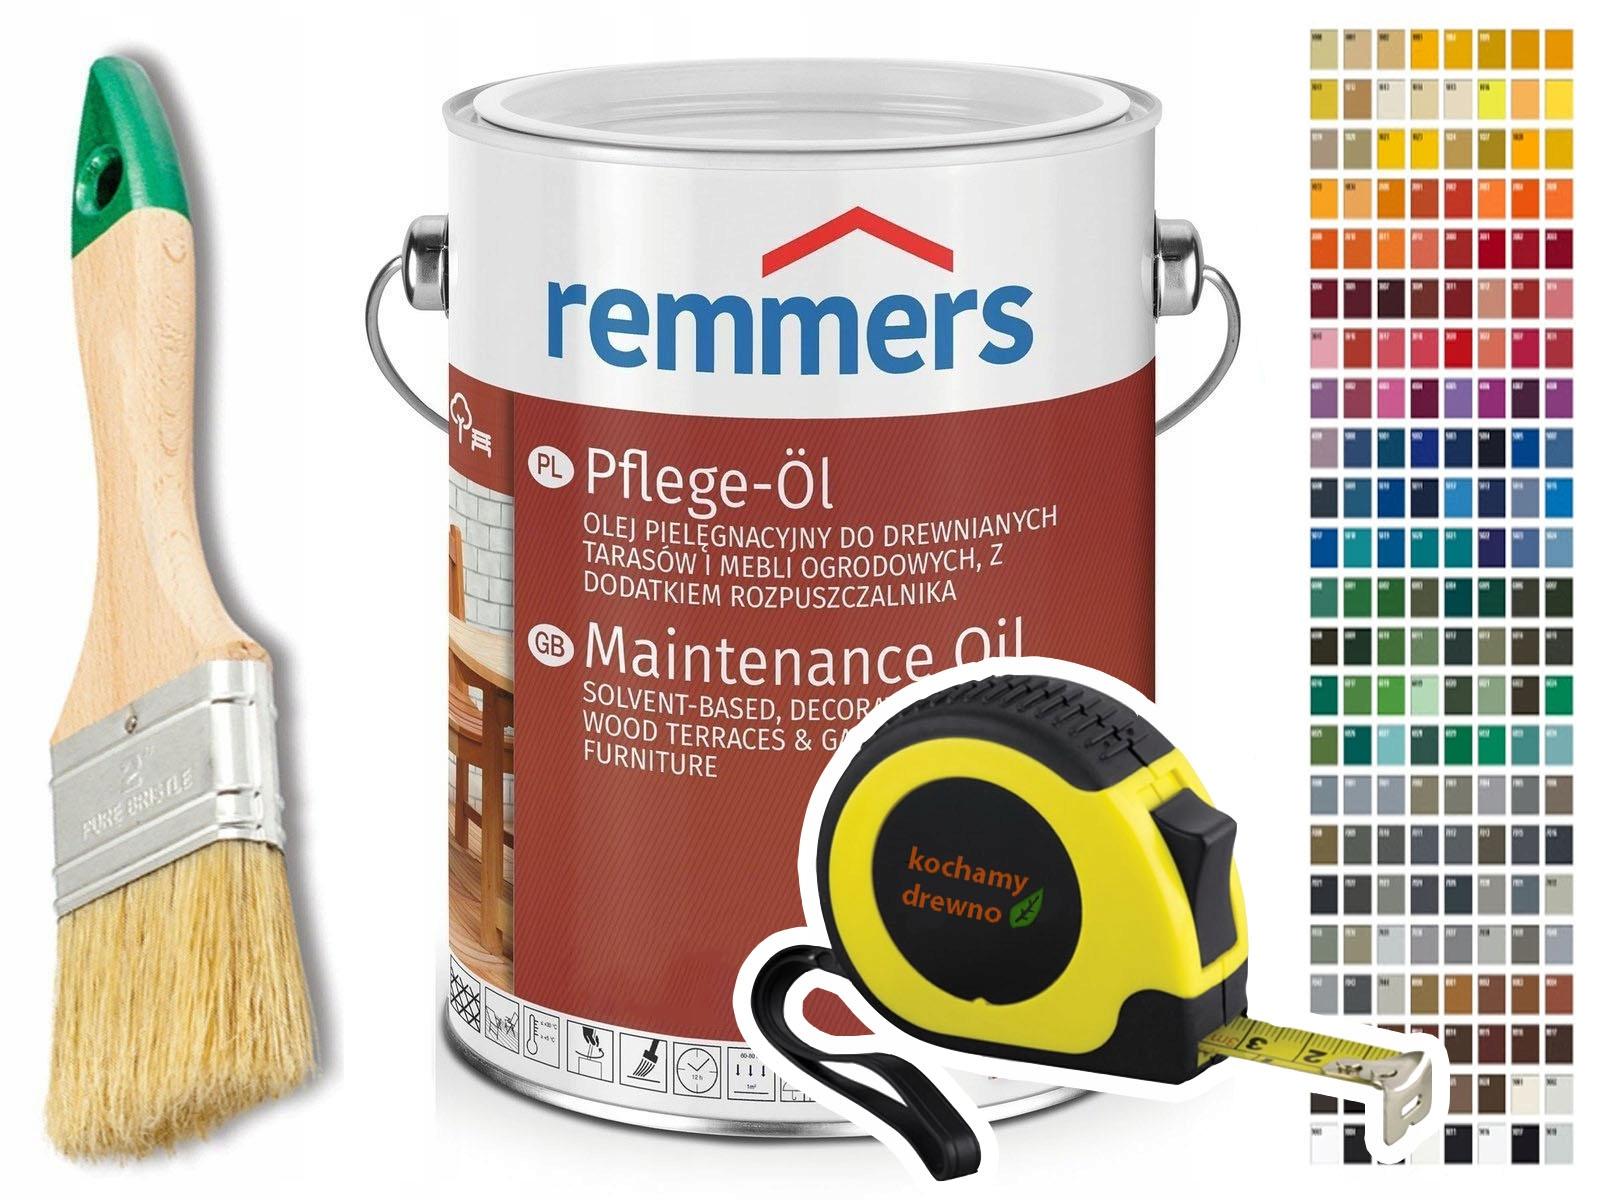 Реммерс Pflege-Ol терраса древесное масло COLORS 2.5